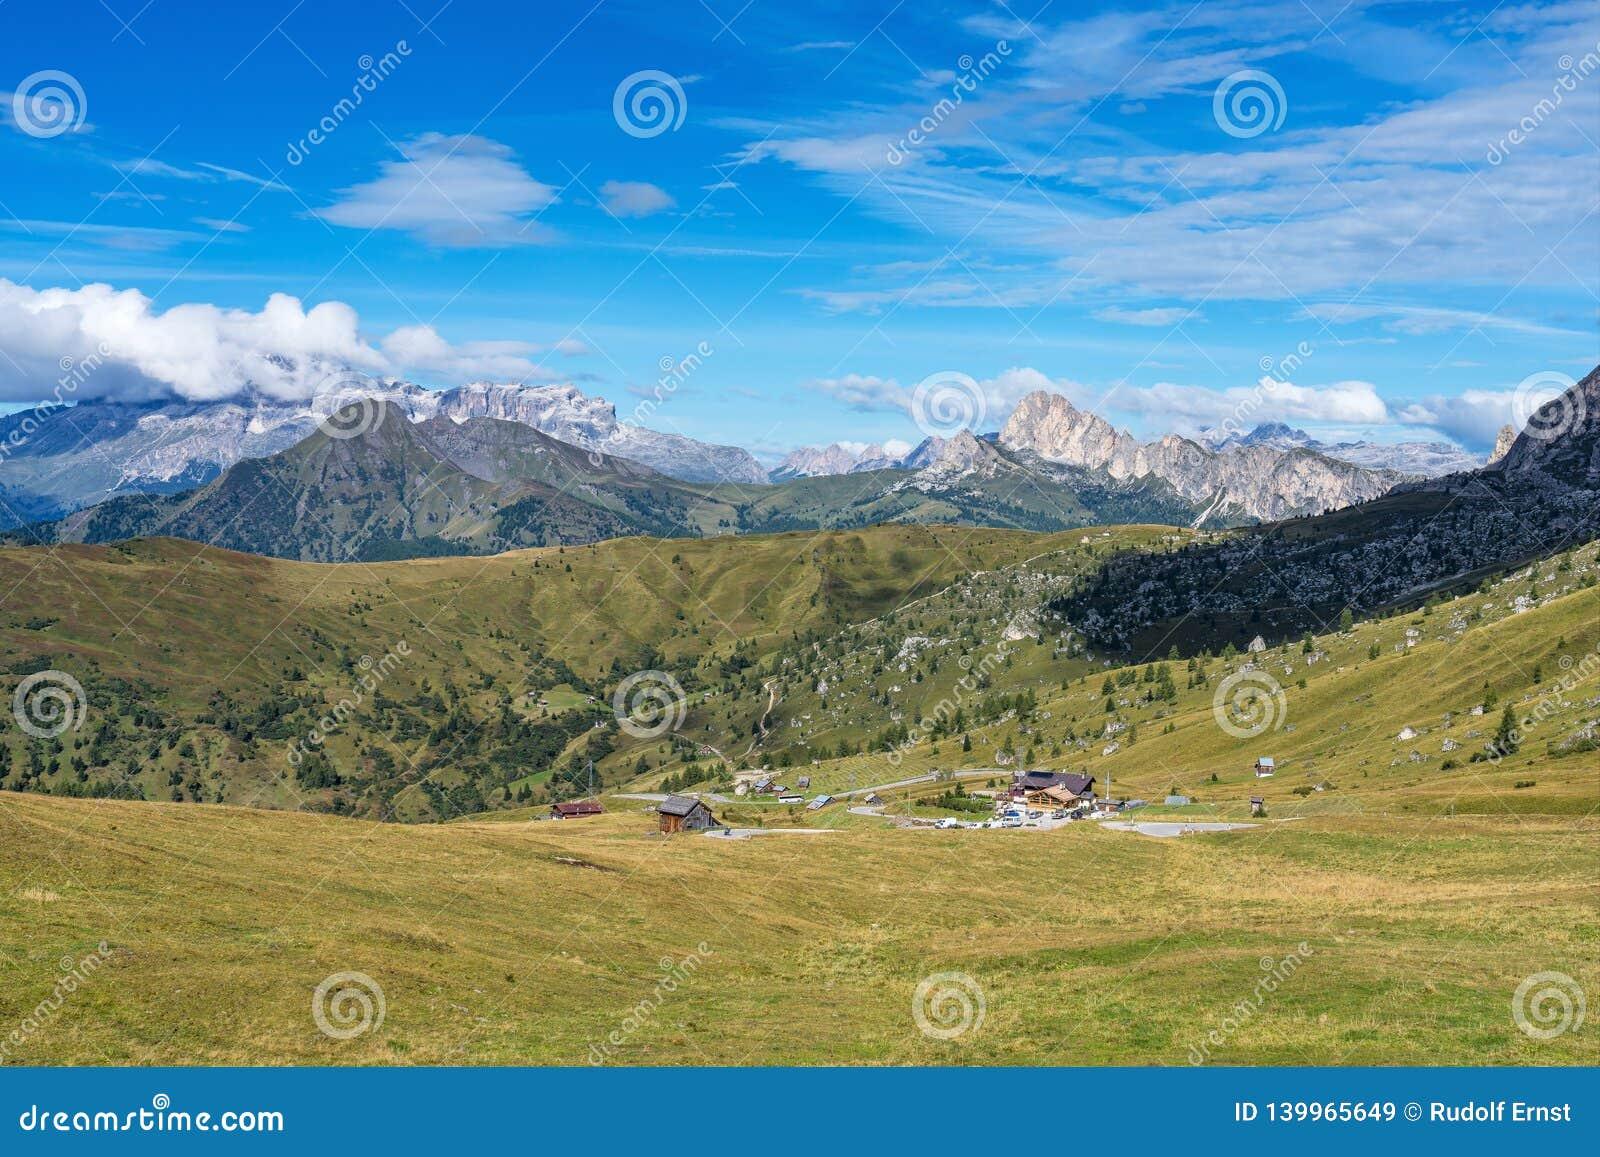 Włochy dolomitów moutnain - Passo Di Giau w Południowym Tyrol